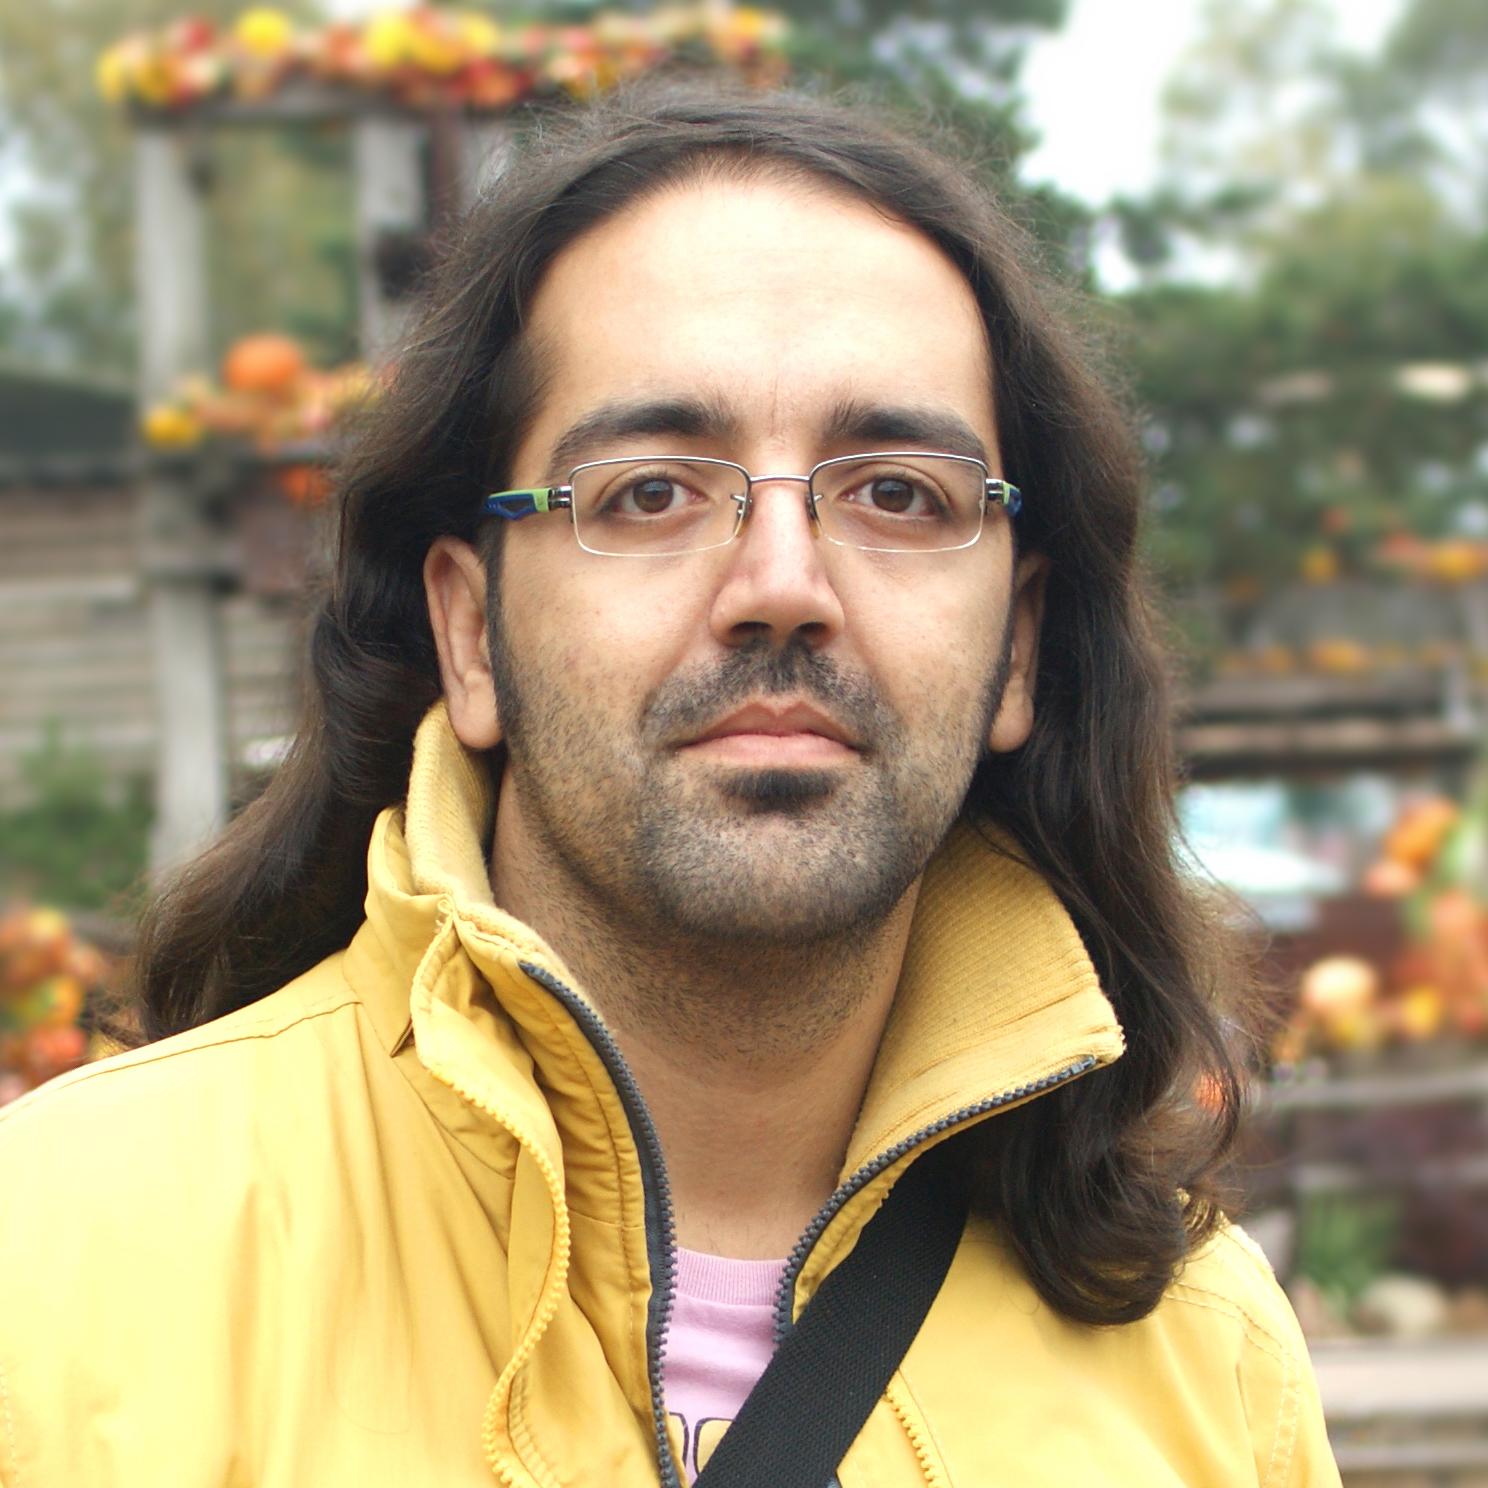 Manolis Varouhas